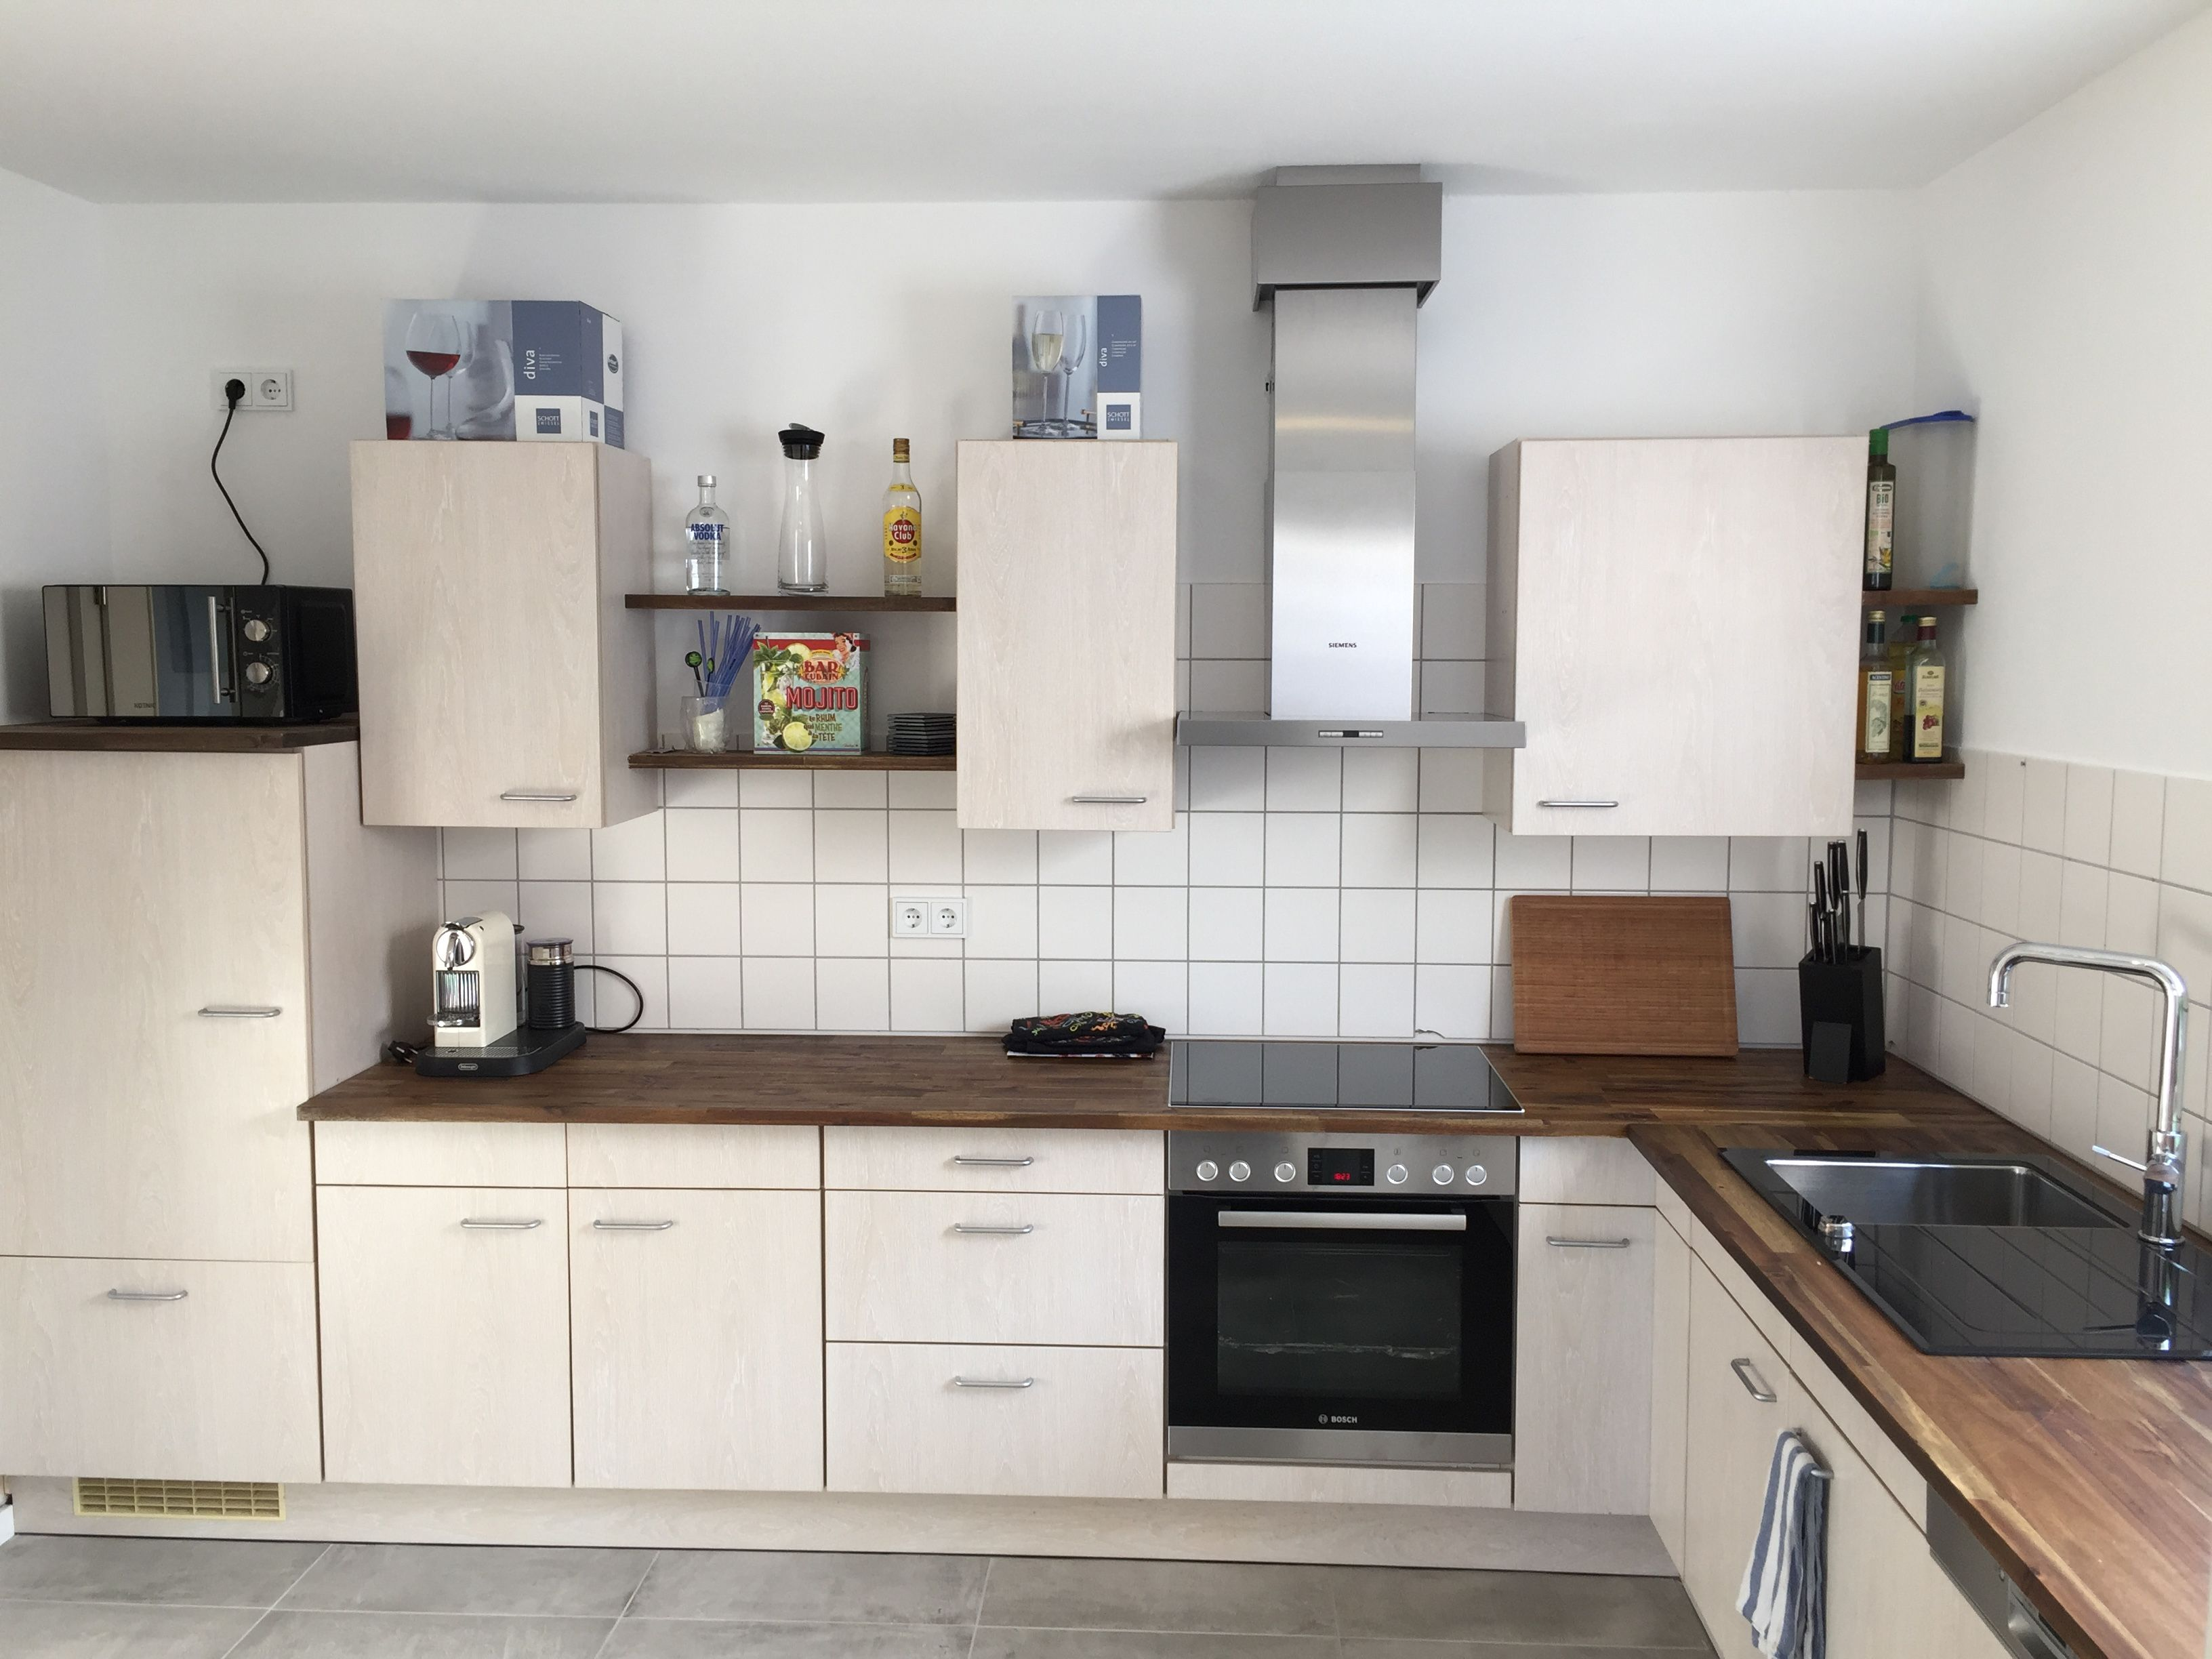 Küchenrenovierung DIY Akazie Arbeitsplatte Grohe Blue